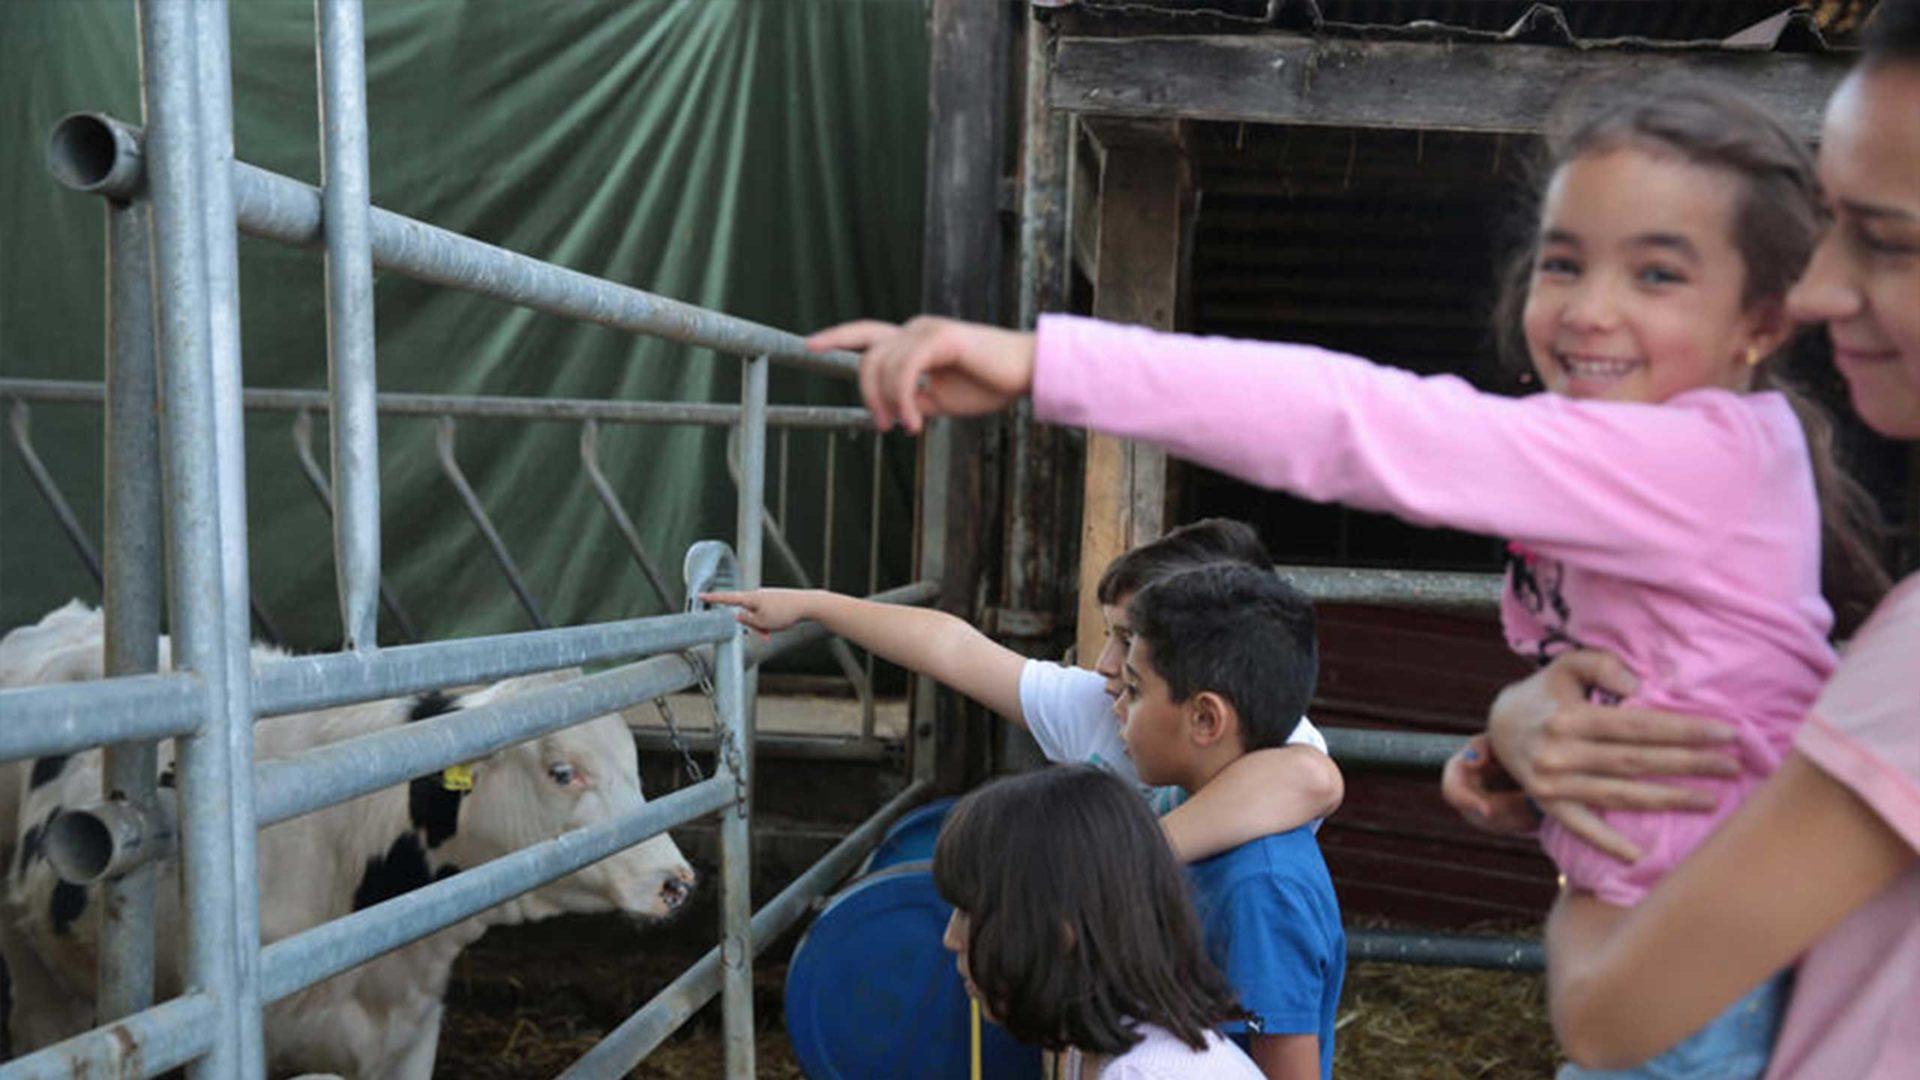 Die Kidner freuen sich so nah an die Kühe heran kommen zu können.